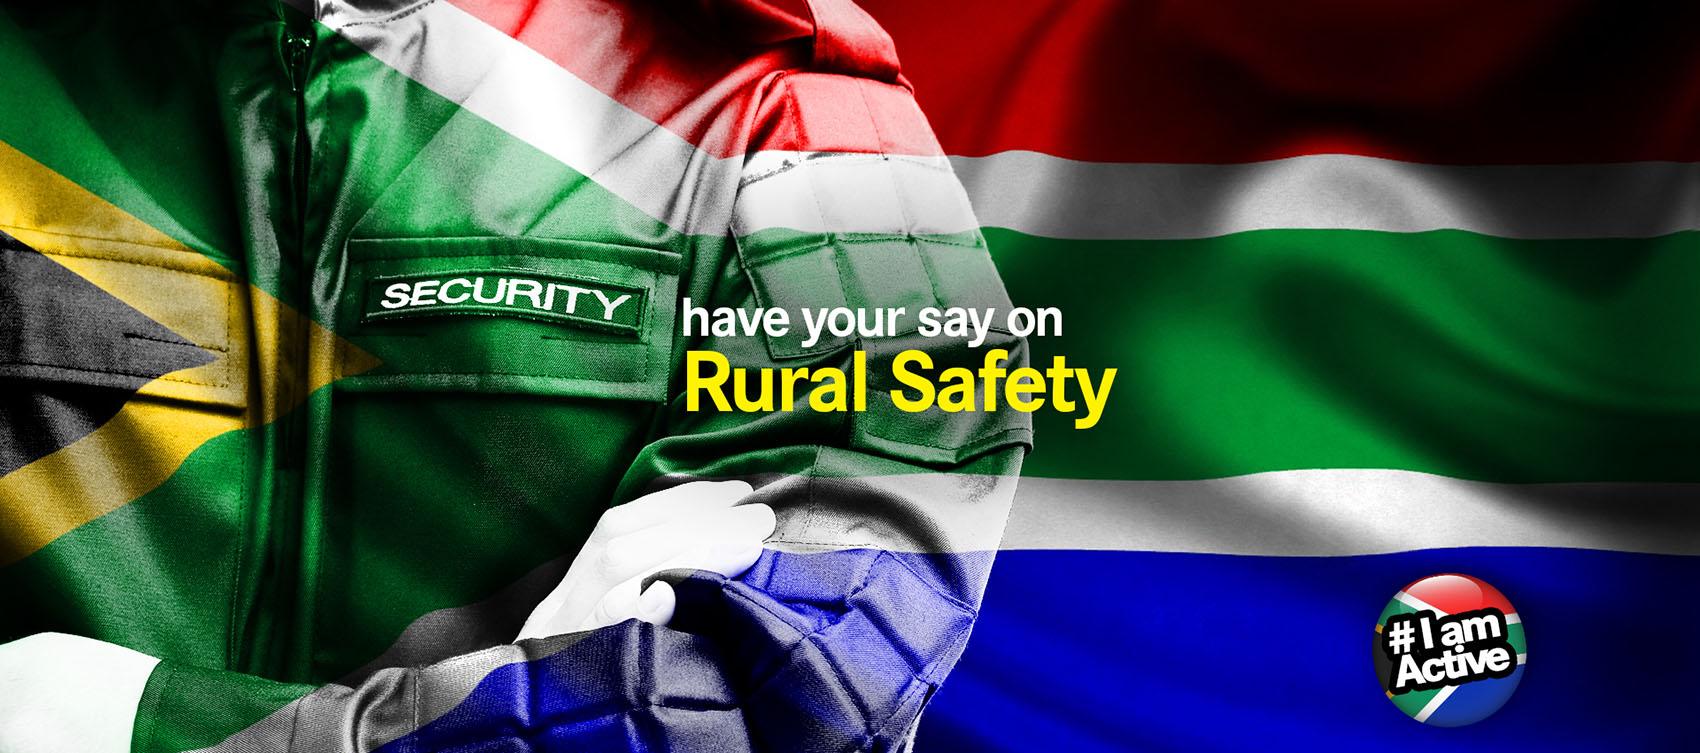 Rural-Safety-DearSA